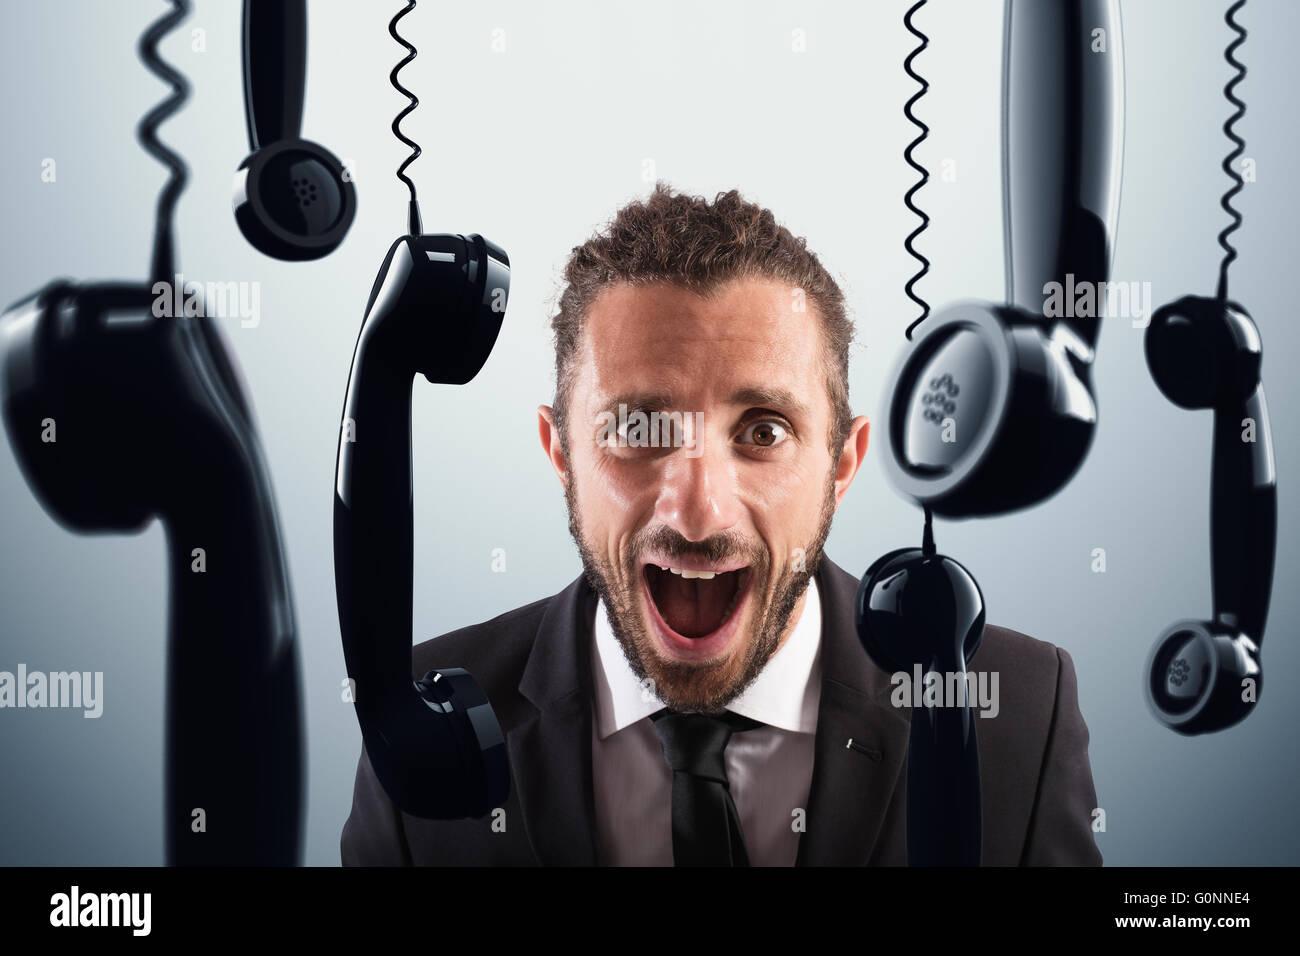 Llamadas telefónicas estresante Imagen De Stock